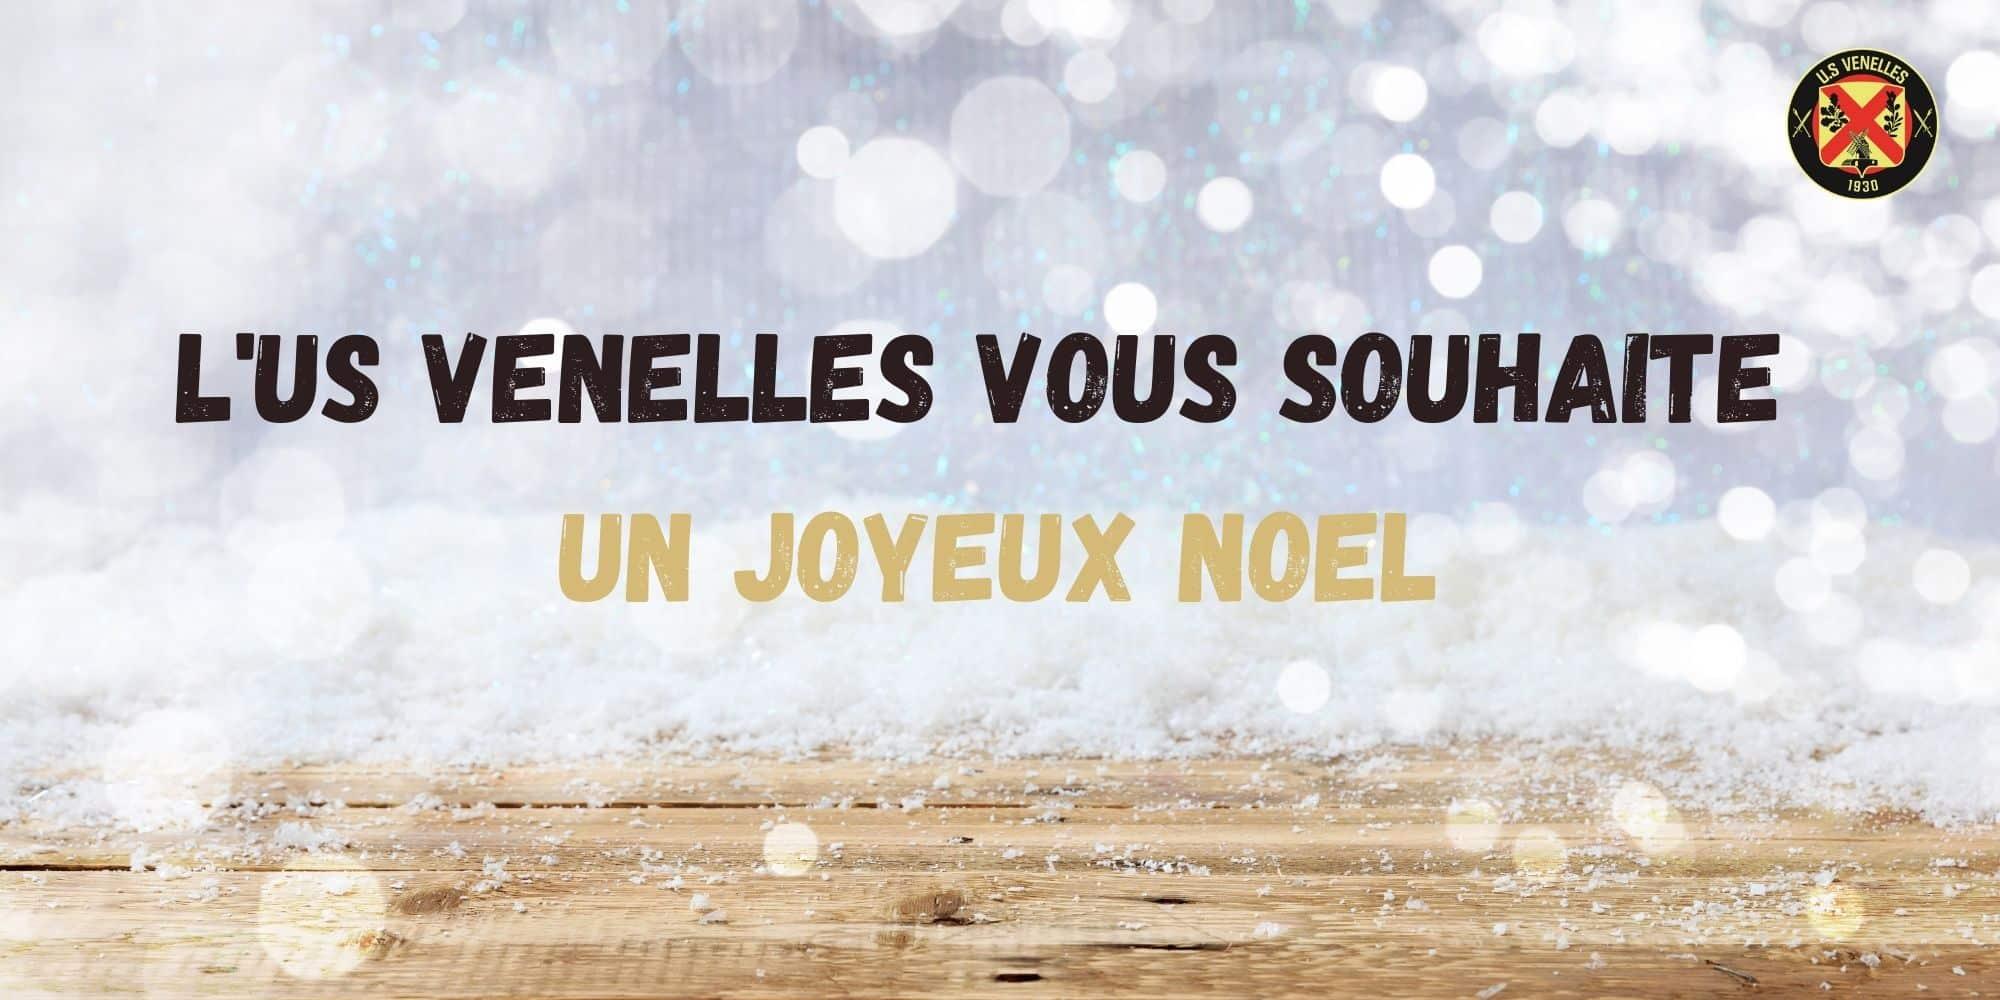 Joyeux Noël - USV